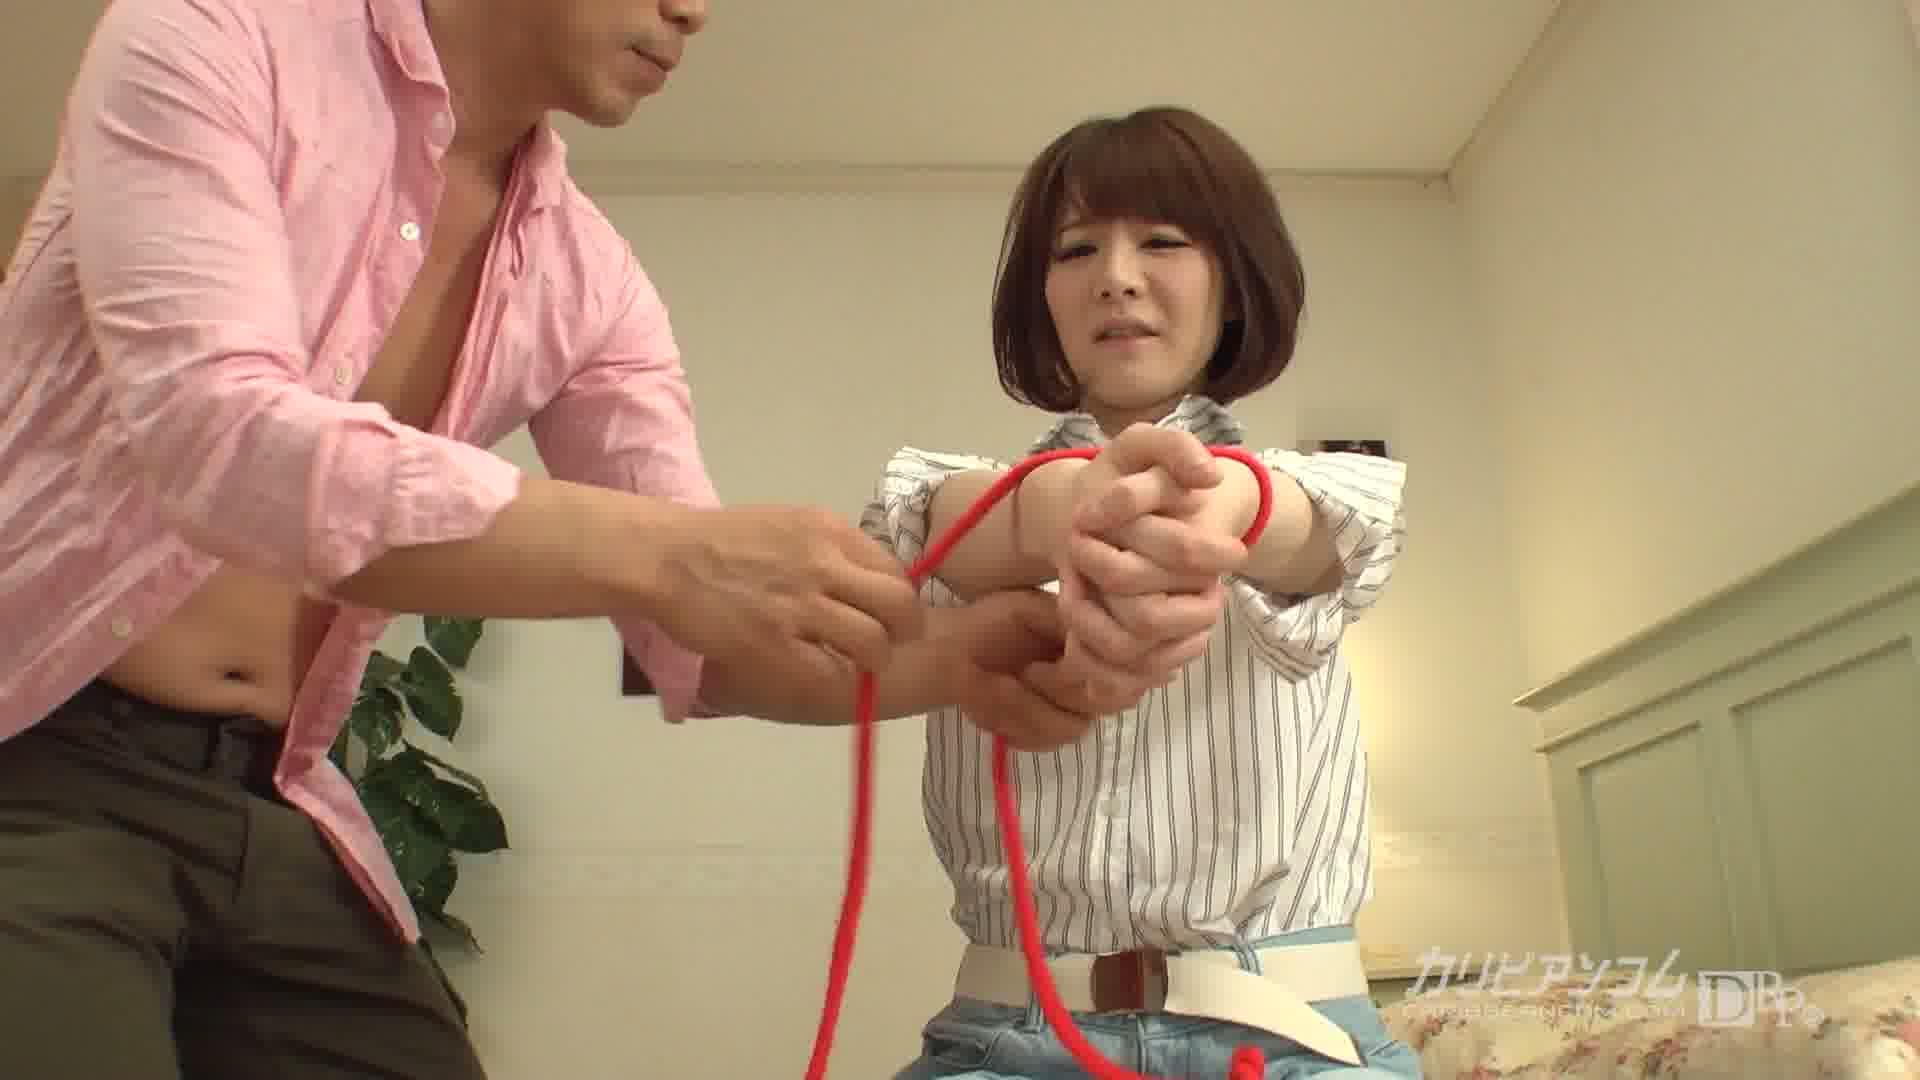 エロし恥ずかし絶頂天国 - 宮崎愛莉【潮吹き・69・マンぐり返し】